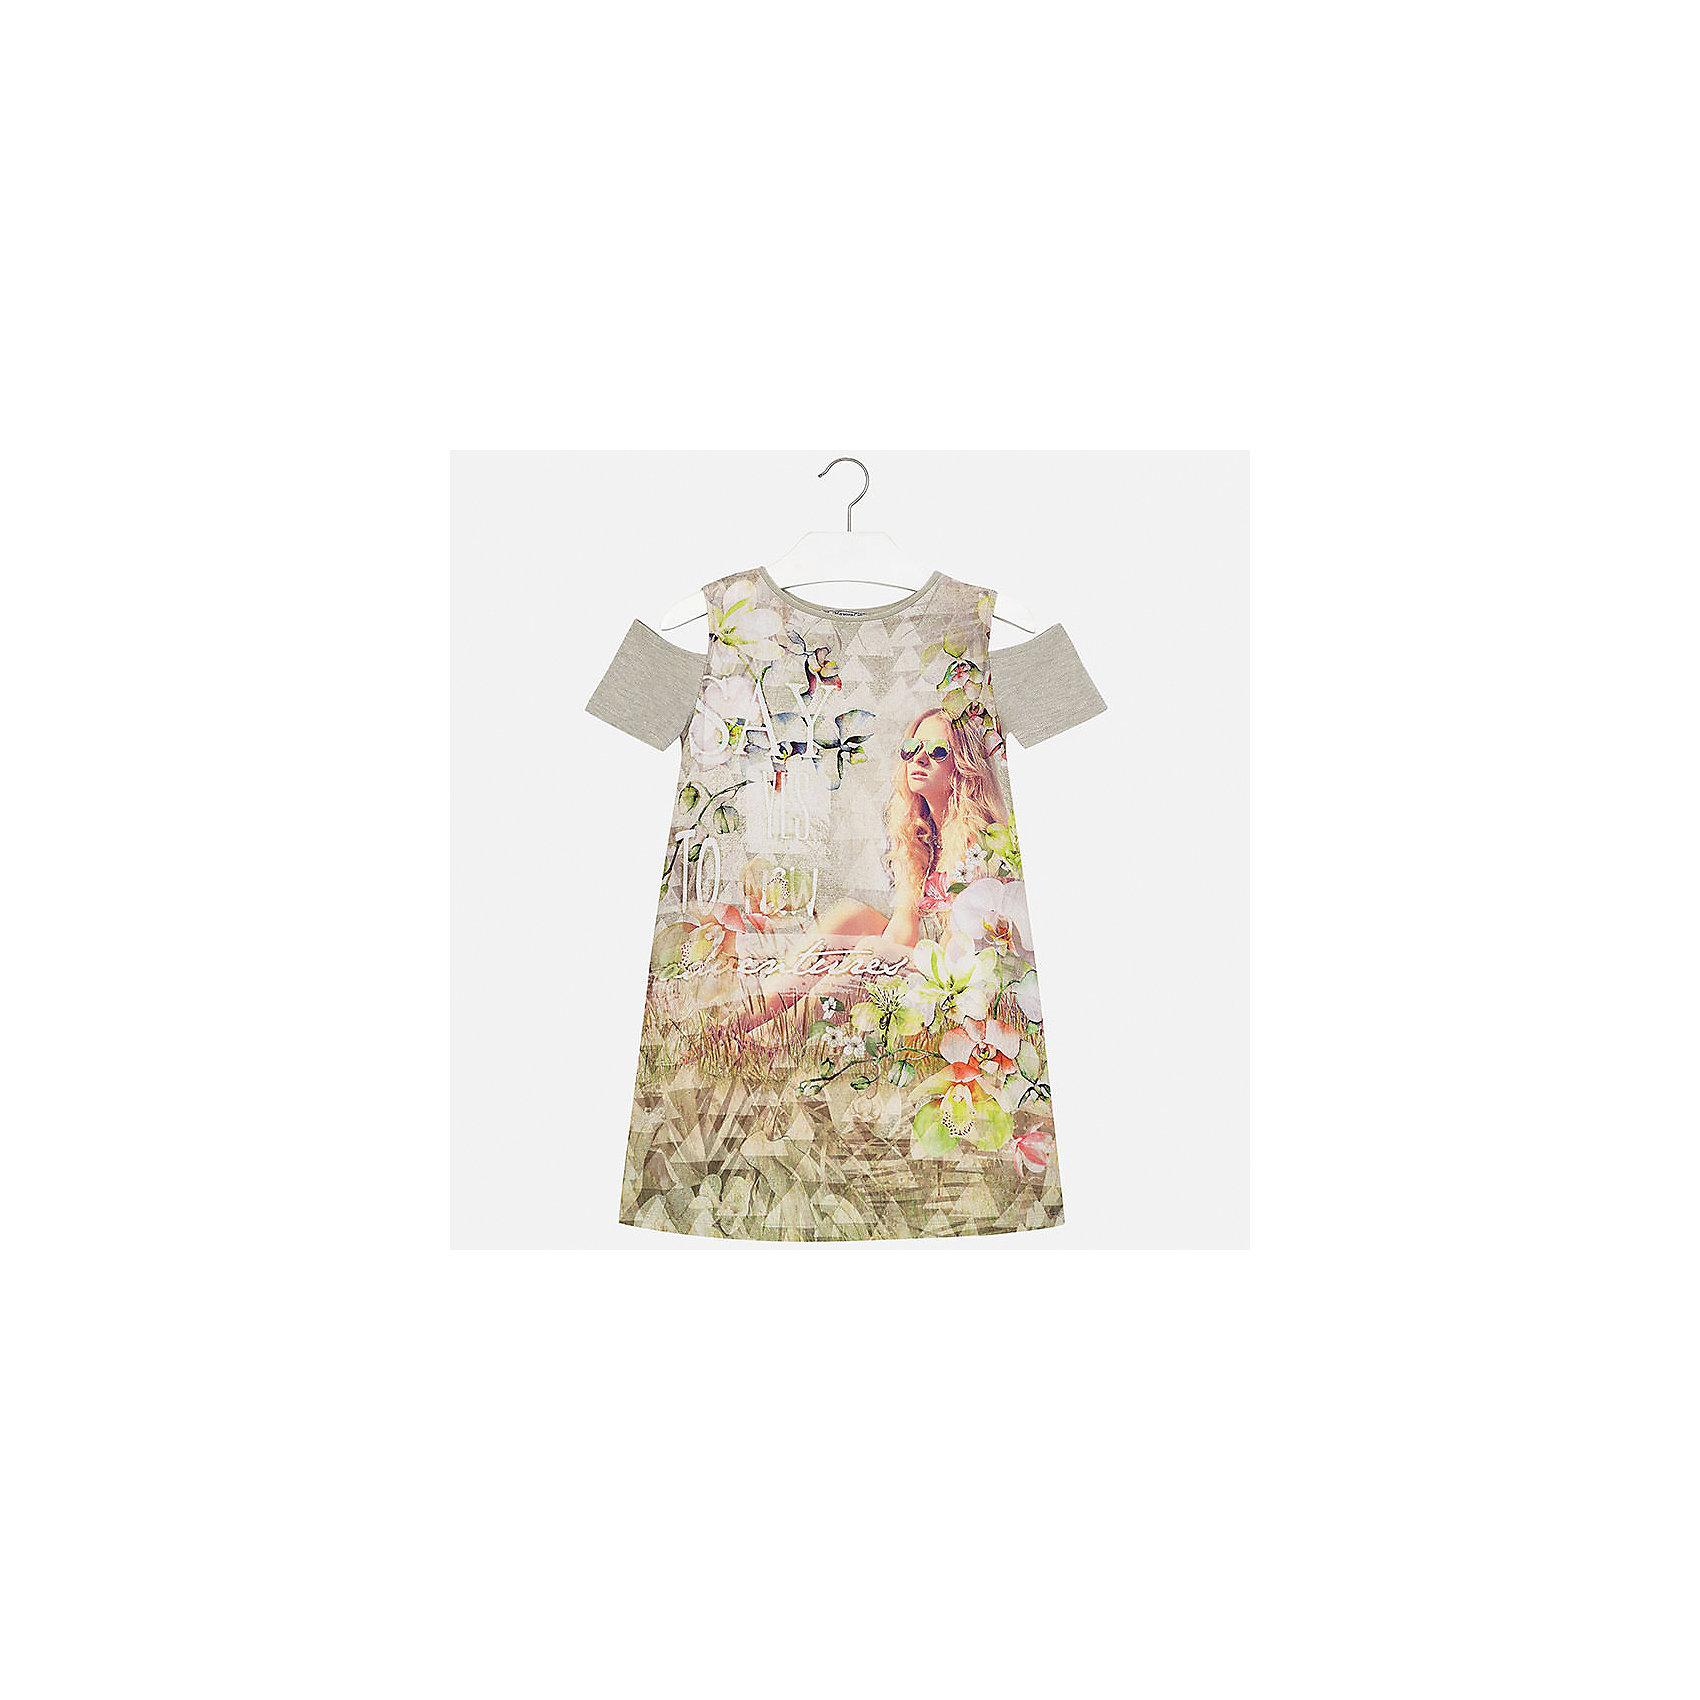 Платье для девочки MayoralХарактеристики товара:<br><br>• цвет: мультиколор<br>• состав: 44% вискоза, 40% полиэстер, 10% металлизированная нить, 6% хлопок<br>• без застежки<br>• открытые плечи<br>• короткие рукава<br>• декорировано принтом<br>• страна бренда: Испания<br><br>Модное платье для девочки поможет разнообразить гардероб ребенка и создать эффектный наряд. Оно подойдет для различных случаев. Красивый оттенок позволяет подобрать к вещи обувь разных расцветок. Платье хорошо сидит по фигуре. <br><br>Одежда, обувь и аксессуары от испанского бренда Mayoral полюбились детям и взрослым по всему миру. Модели этой марки - стильные и удобные. Для их производства используются только безопасные, качественные материалы и фурнитура. Порадуйте ребенка модными и красивыми вещами от Mayoral! <br><br>Платье для девочки от испанского бренда Mayoral (Майорал) можно купить в нашем интернет-магазине.<br><br>Ширина мм: 236<br>Глубина мм: 16<br>Высота мм: 184<br>Вес г: 177<br>Цвет: зеленый<br>Возраст от месяцев: 168<br>Возраст до месяцев: 180<br>Пол: Женский<br>Возраст: Детский<br>Размер: 140,170,152,158,164,128/134<br>SKU: 5300945